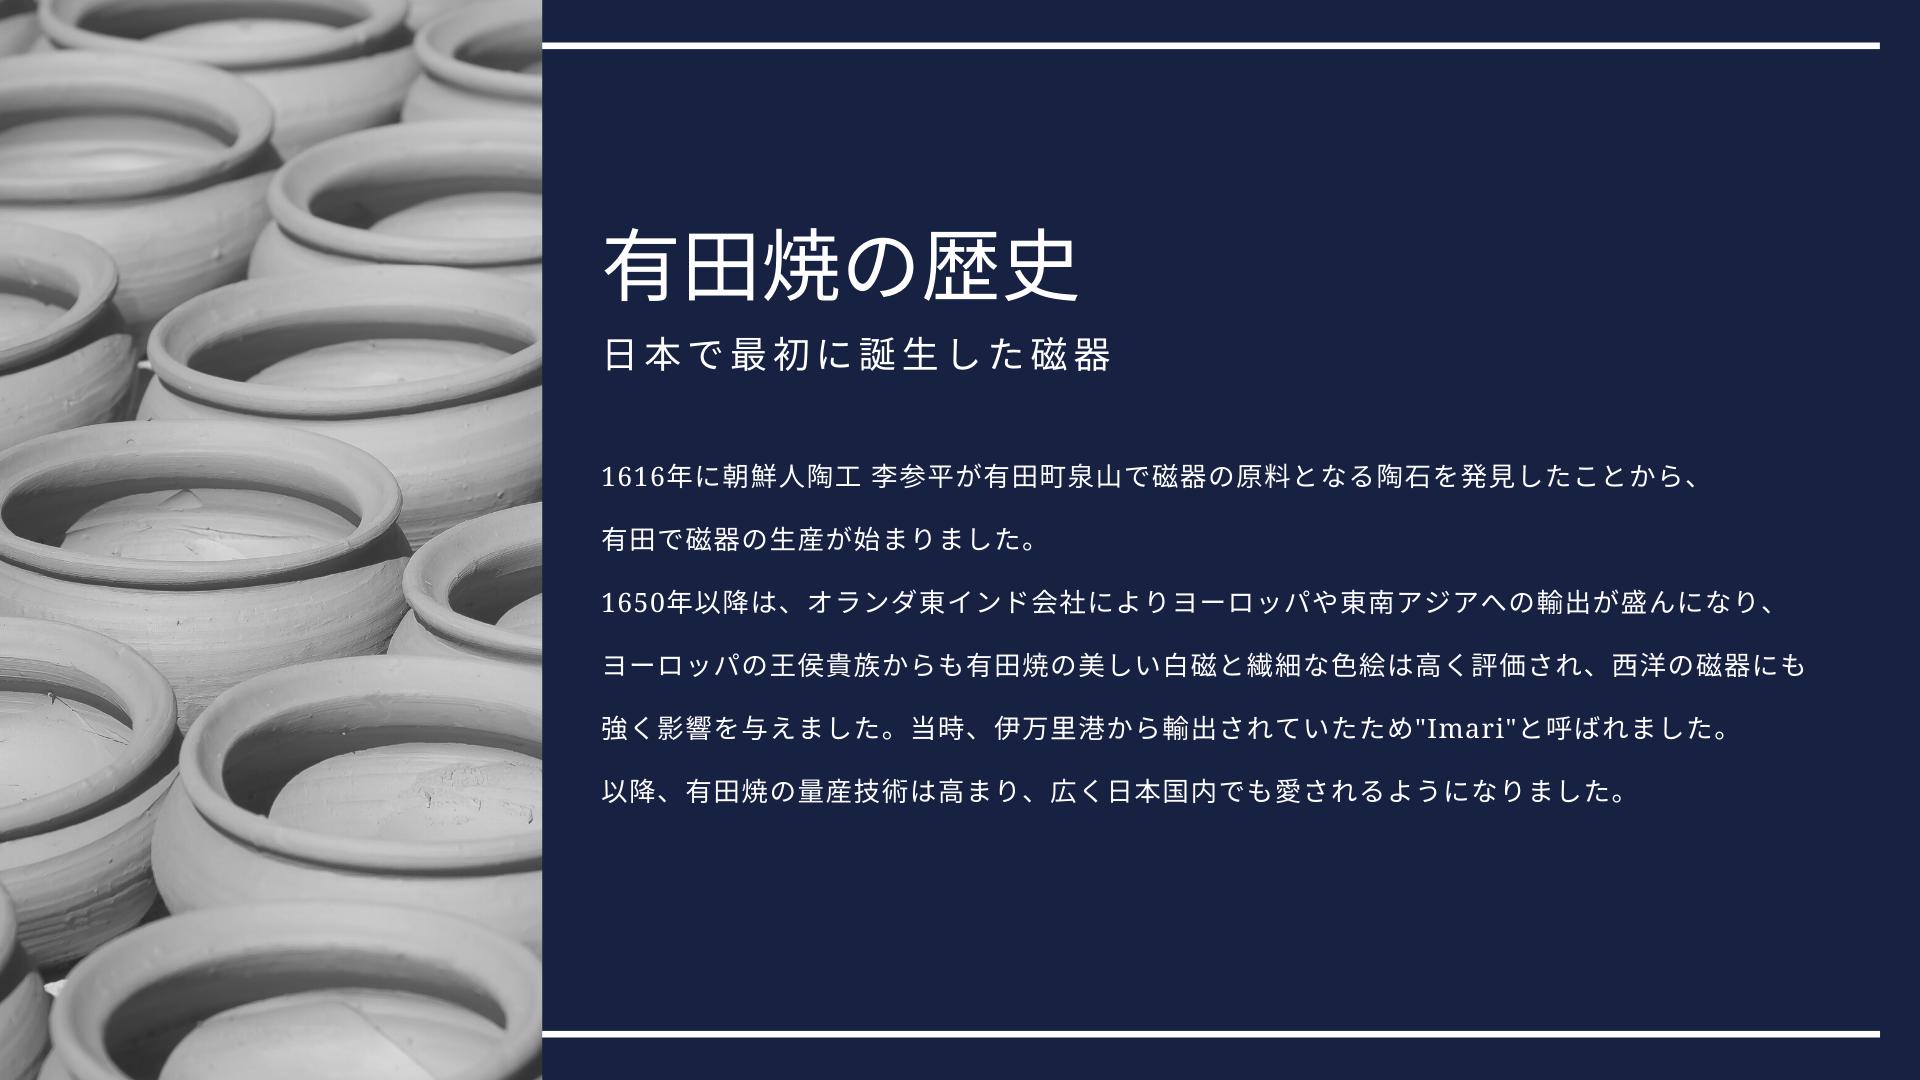 有田焼の歴史